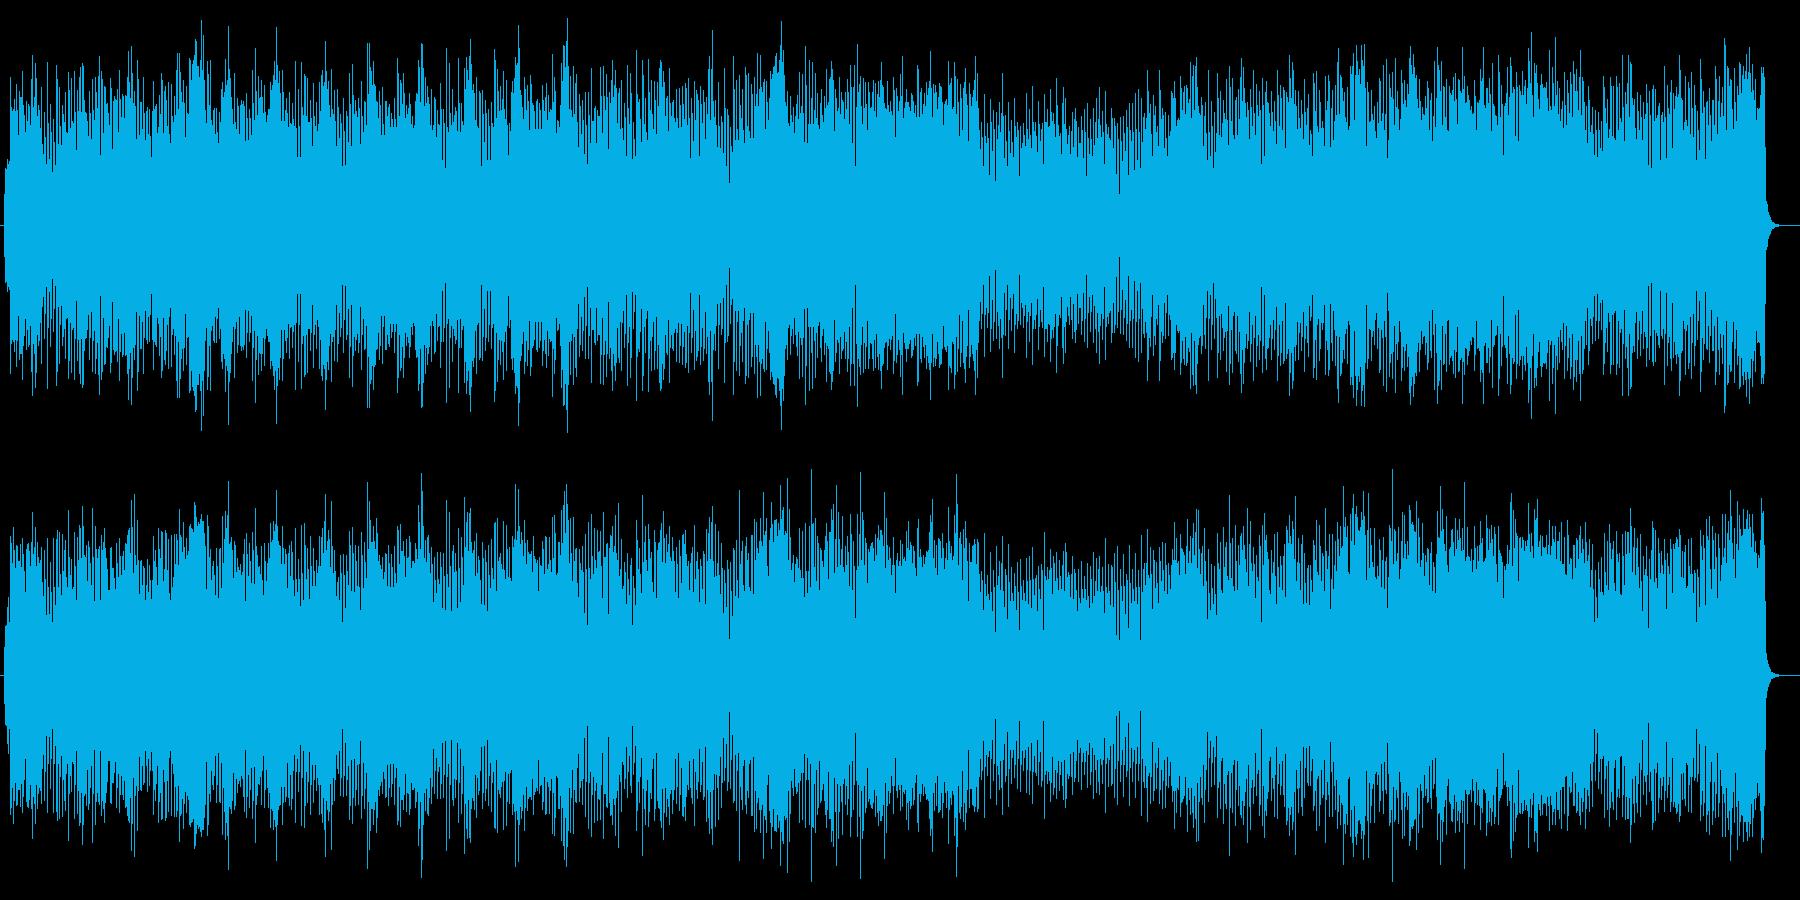 明るく元気なシンセサイザーサウンドの再生済みの波形